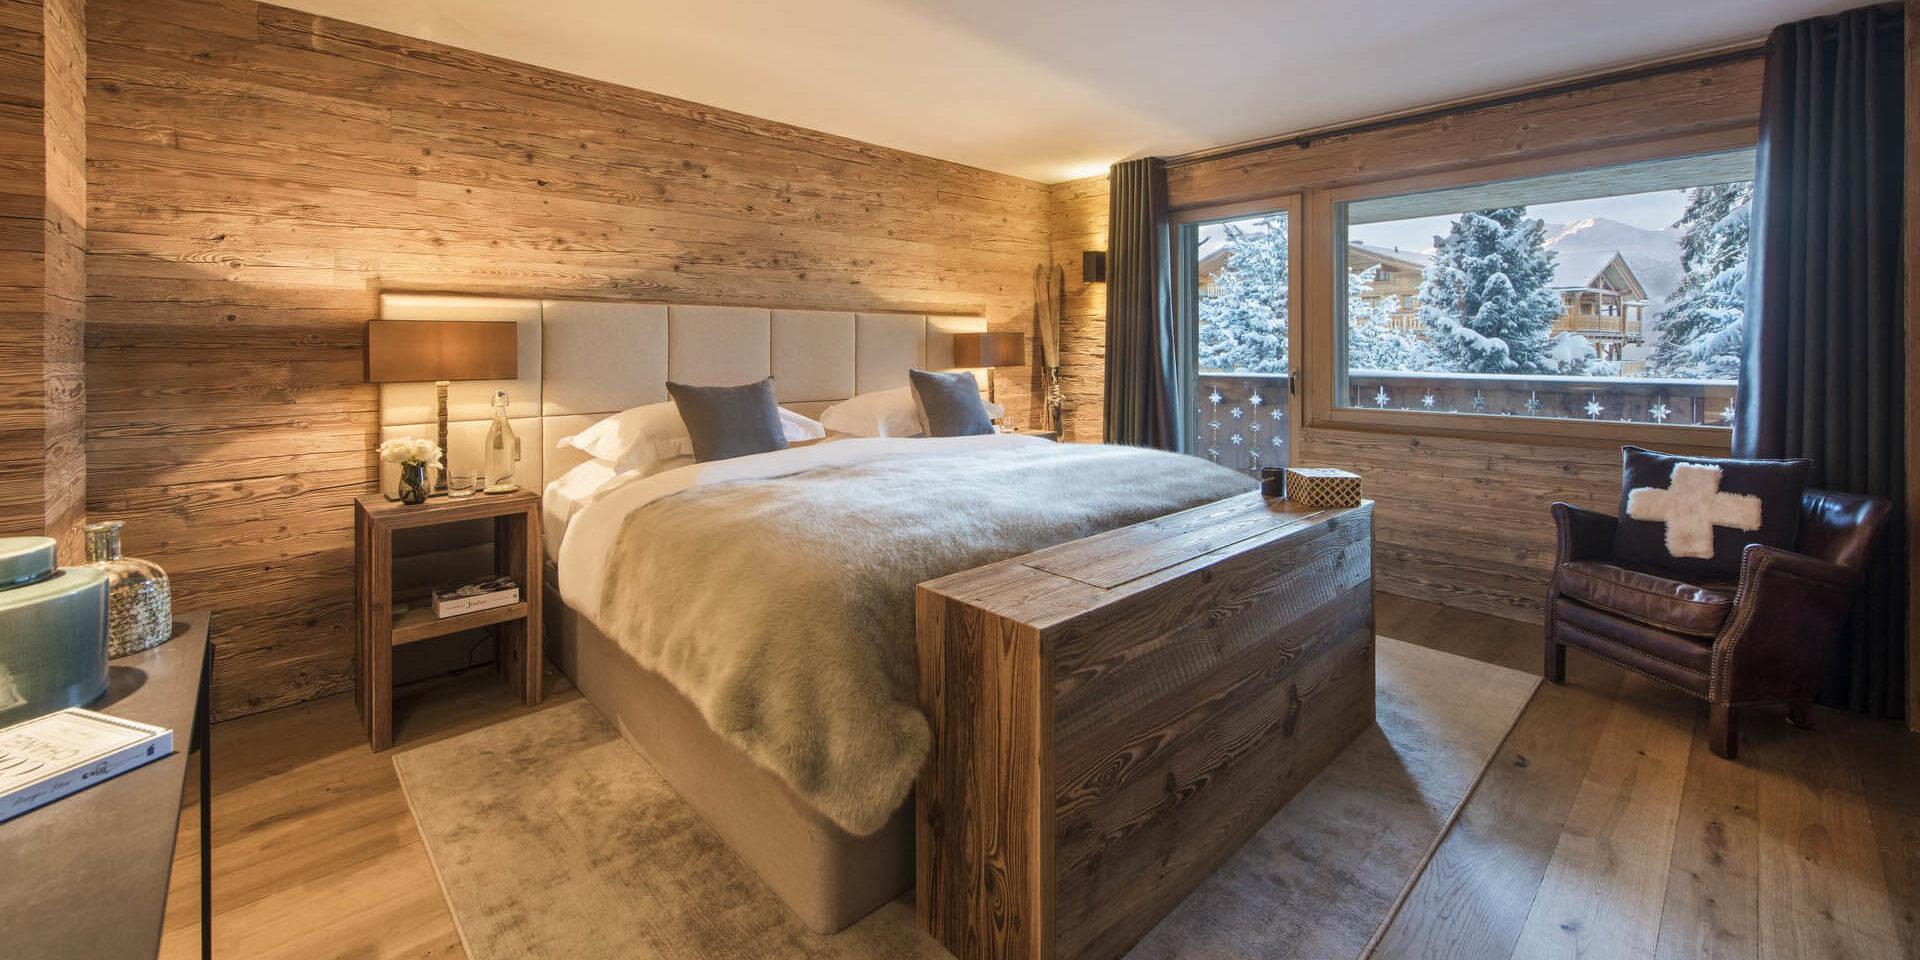 Appartement Rosalp 4 Verbier Les 4 Vallees Zwitserland wintersport skivakantie luxe slaapkamer 2-persoonsbed tafel fauteuil sprei nachtlampjes balkon besneeuwde bomen